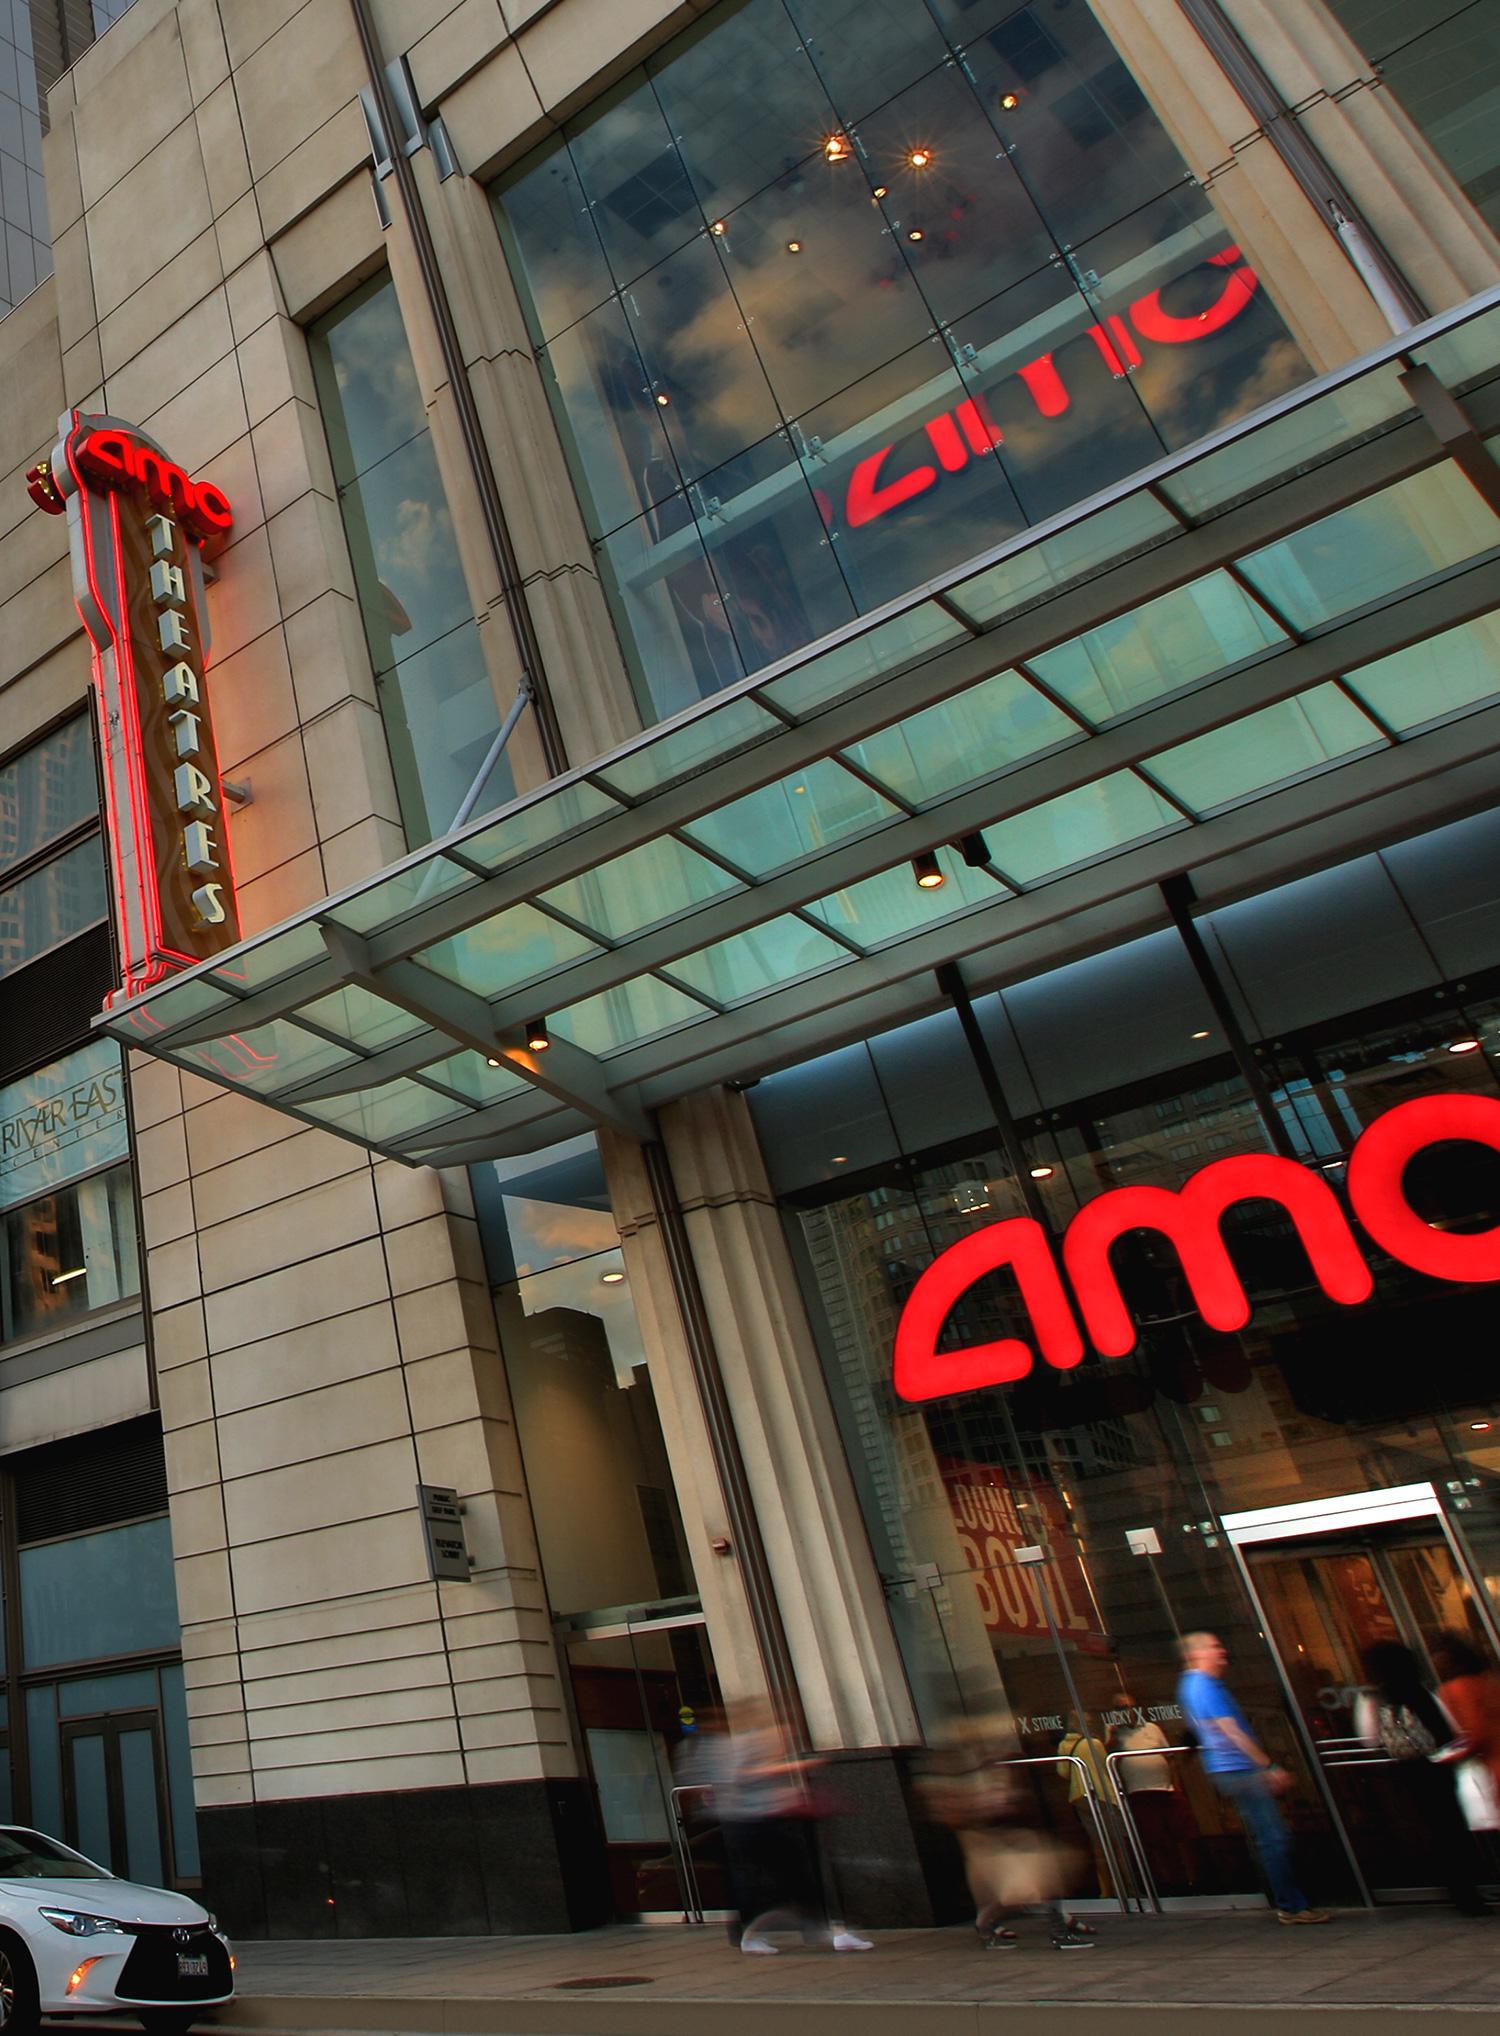 Amc River East 21 Chicago Illinois 60611 Amc Theatres